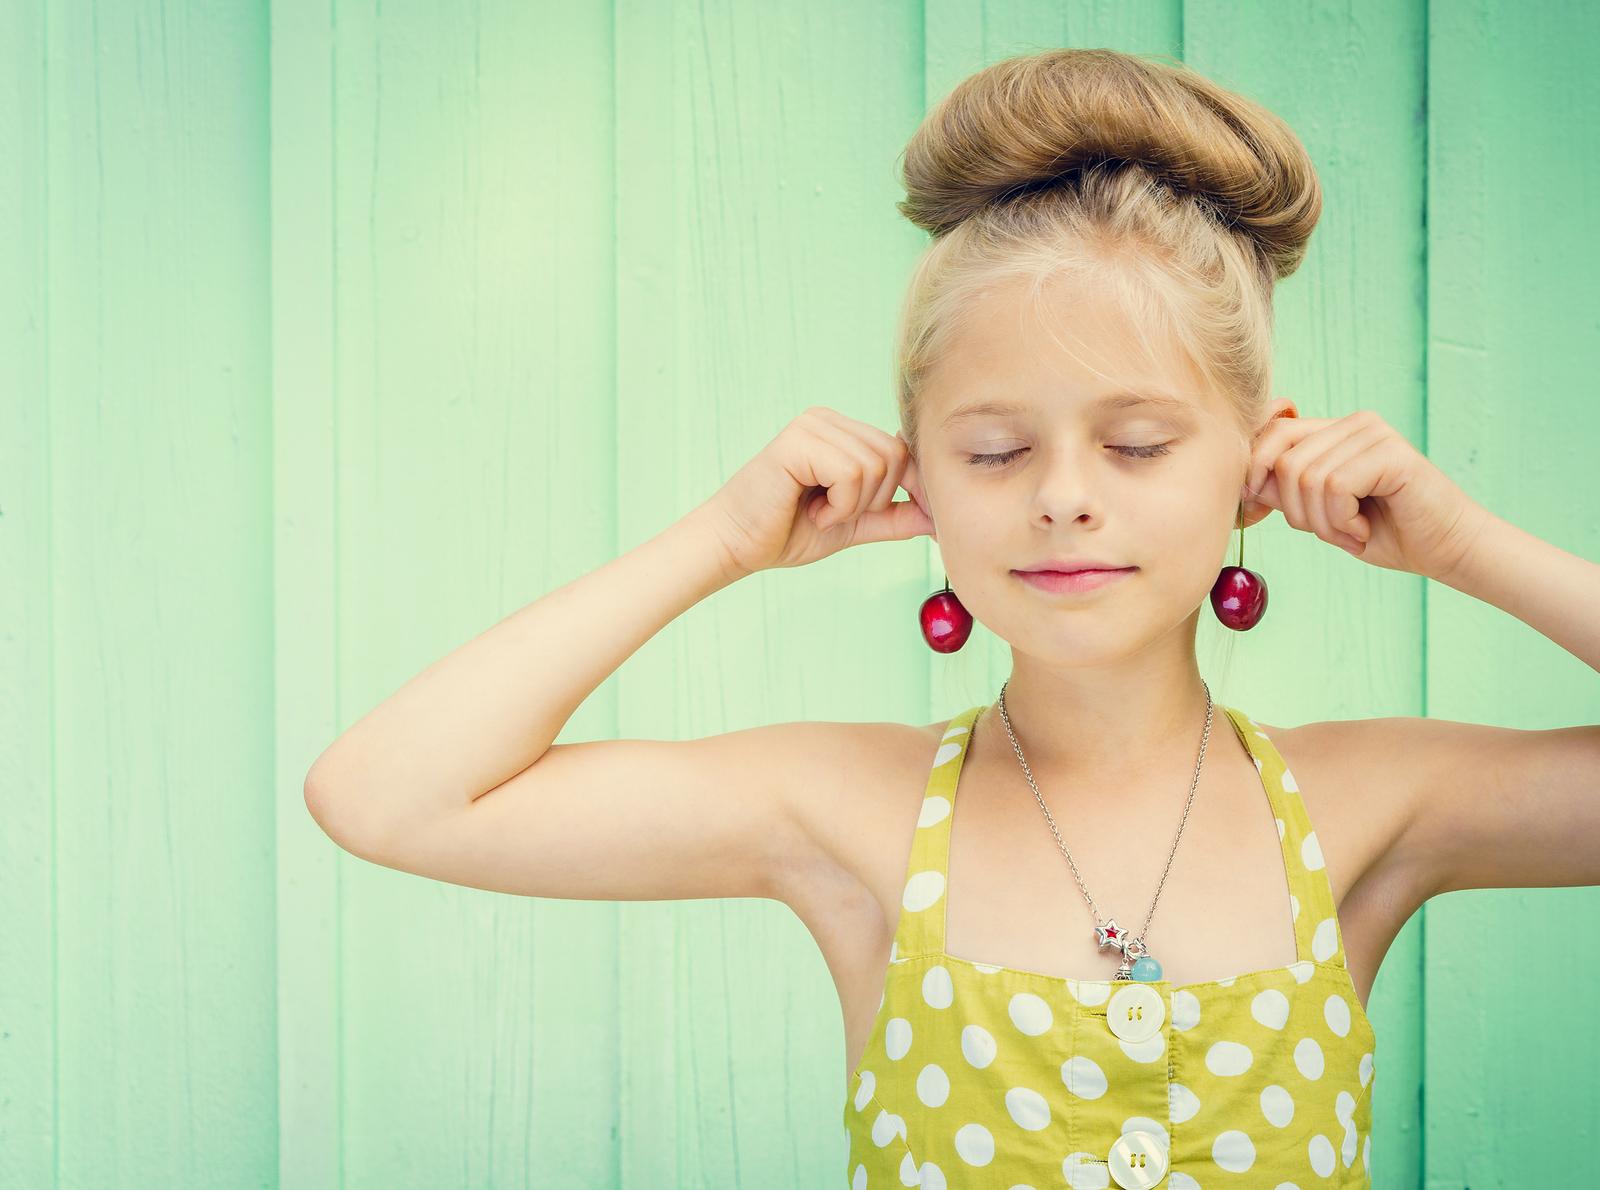 Mädchen hält sich Kirschen an die Ohren